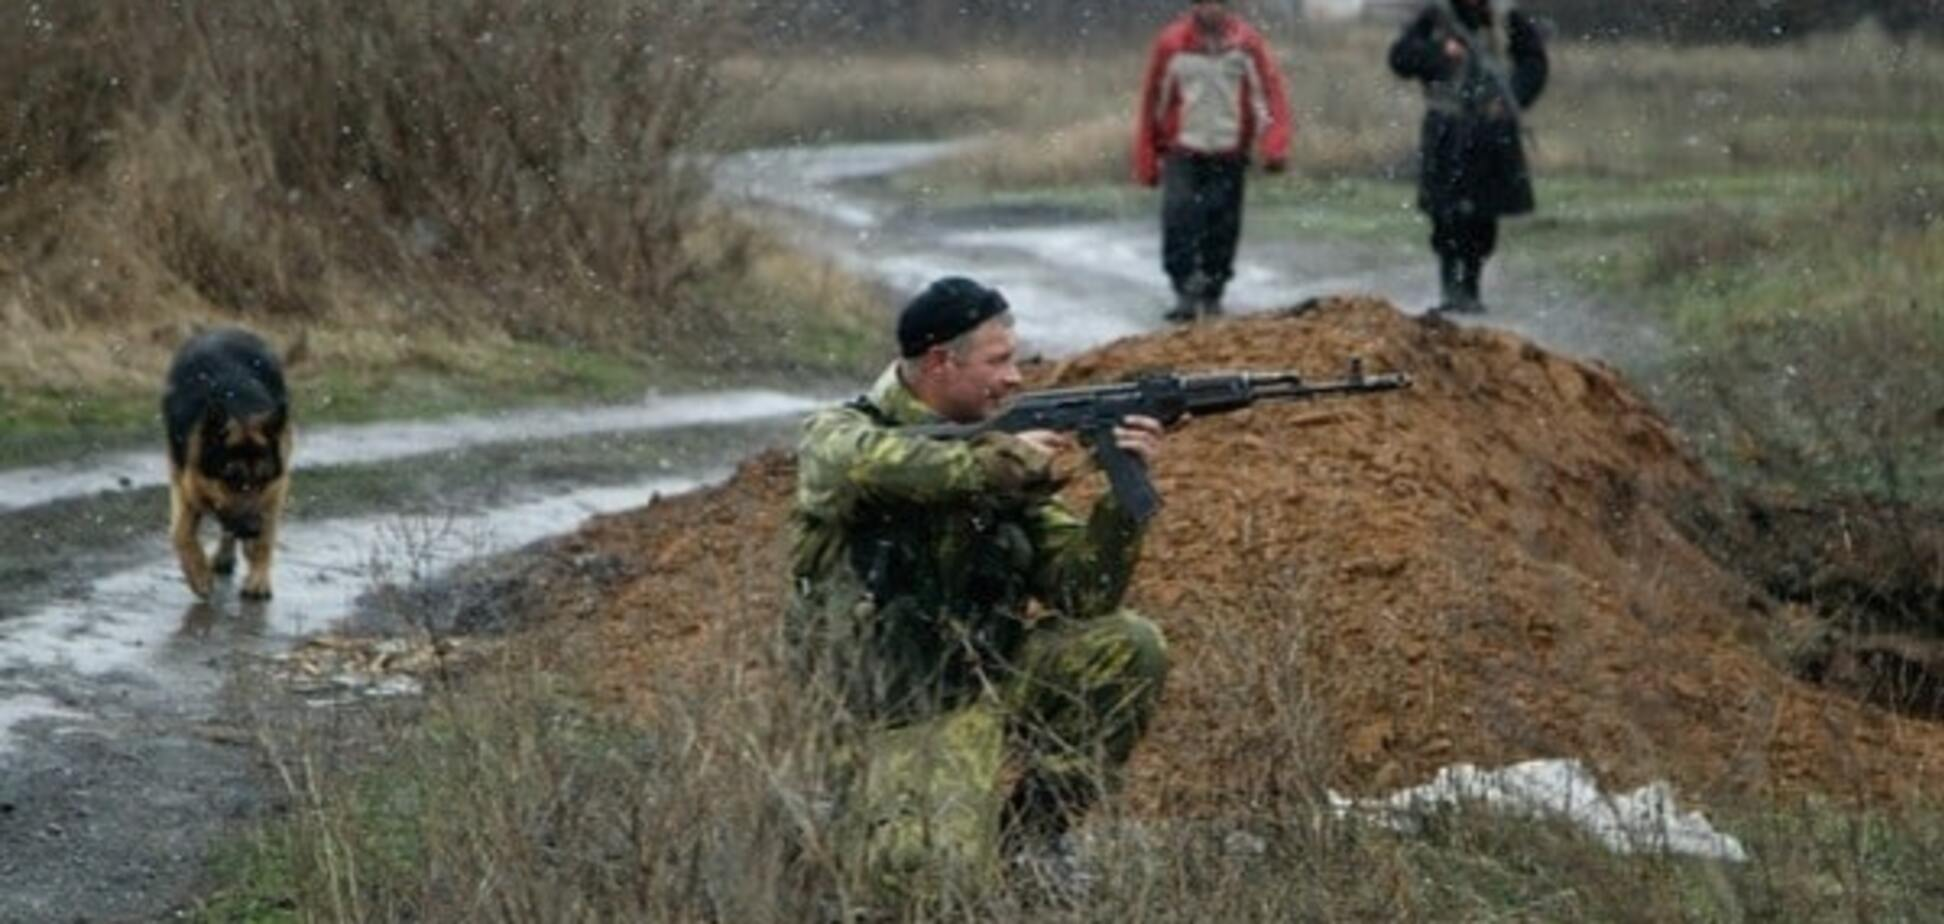 Штаб АТО заявив про 'істотну стабілізацію' ситуації на фронті